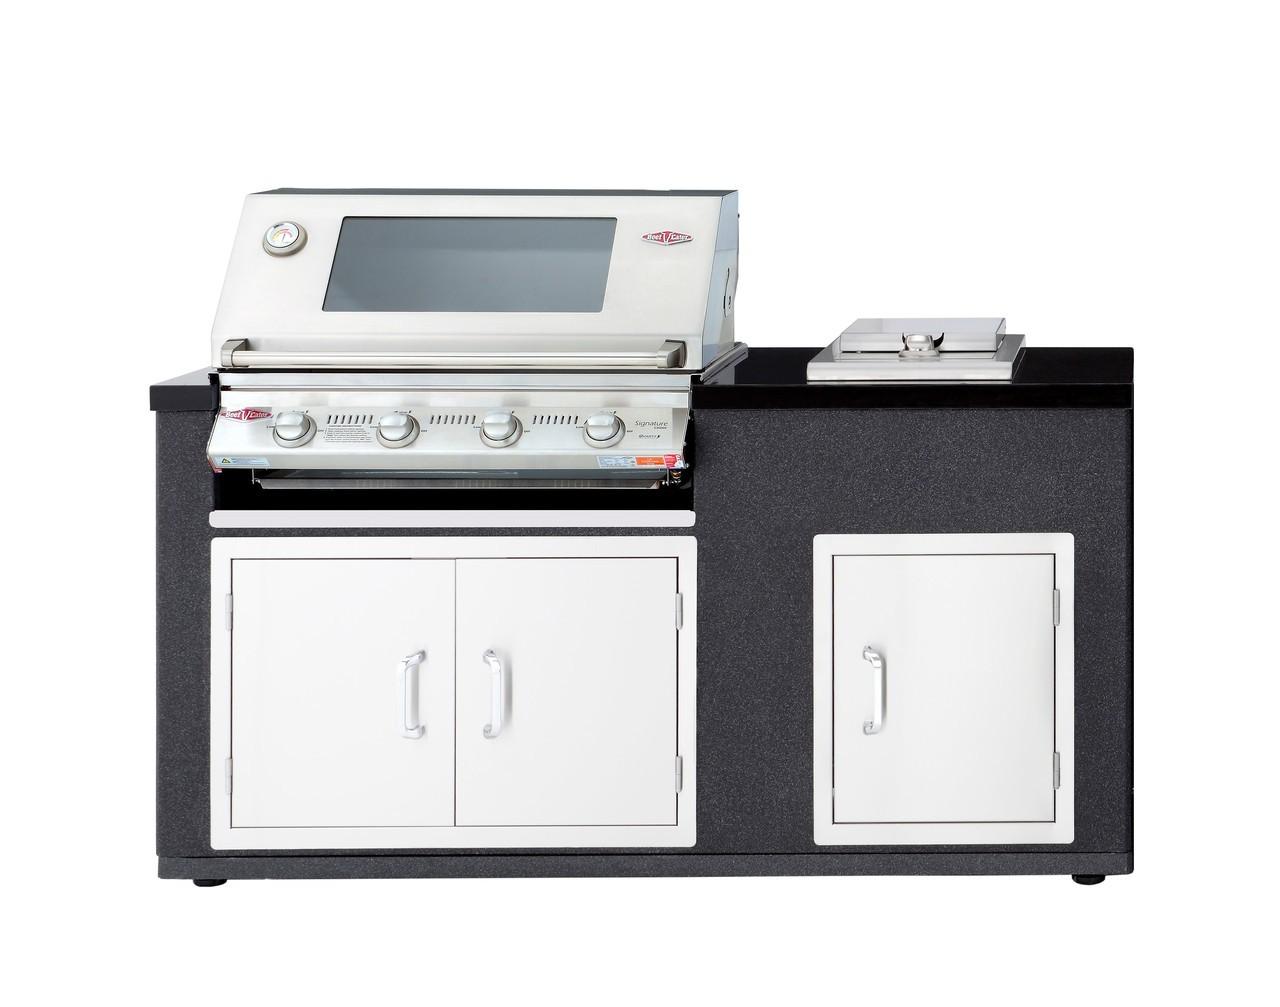 Outdoorküche Tür Vergleich : Outdoorküche artisan grillmodul s3000s mit seitenbrenner & türen